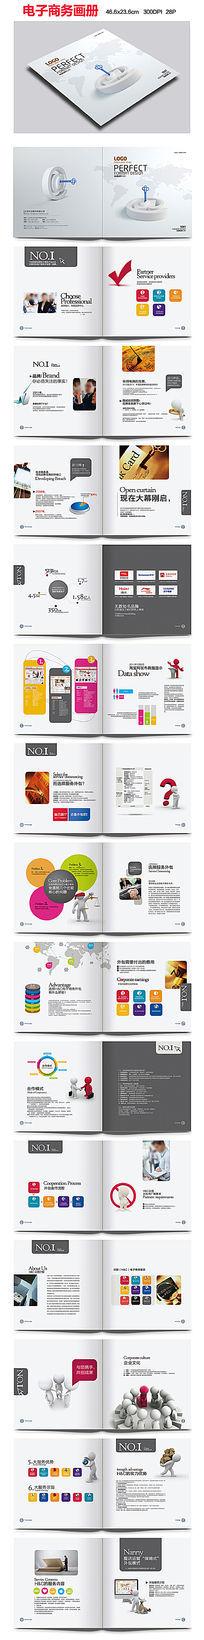 时尚整套电子商务画册PSD素材模板